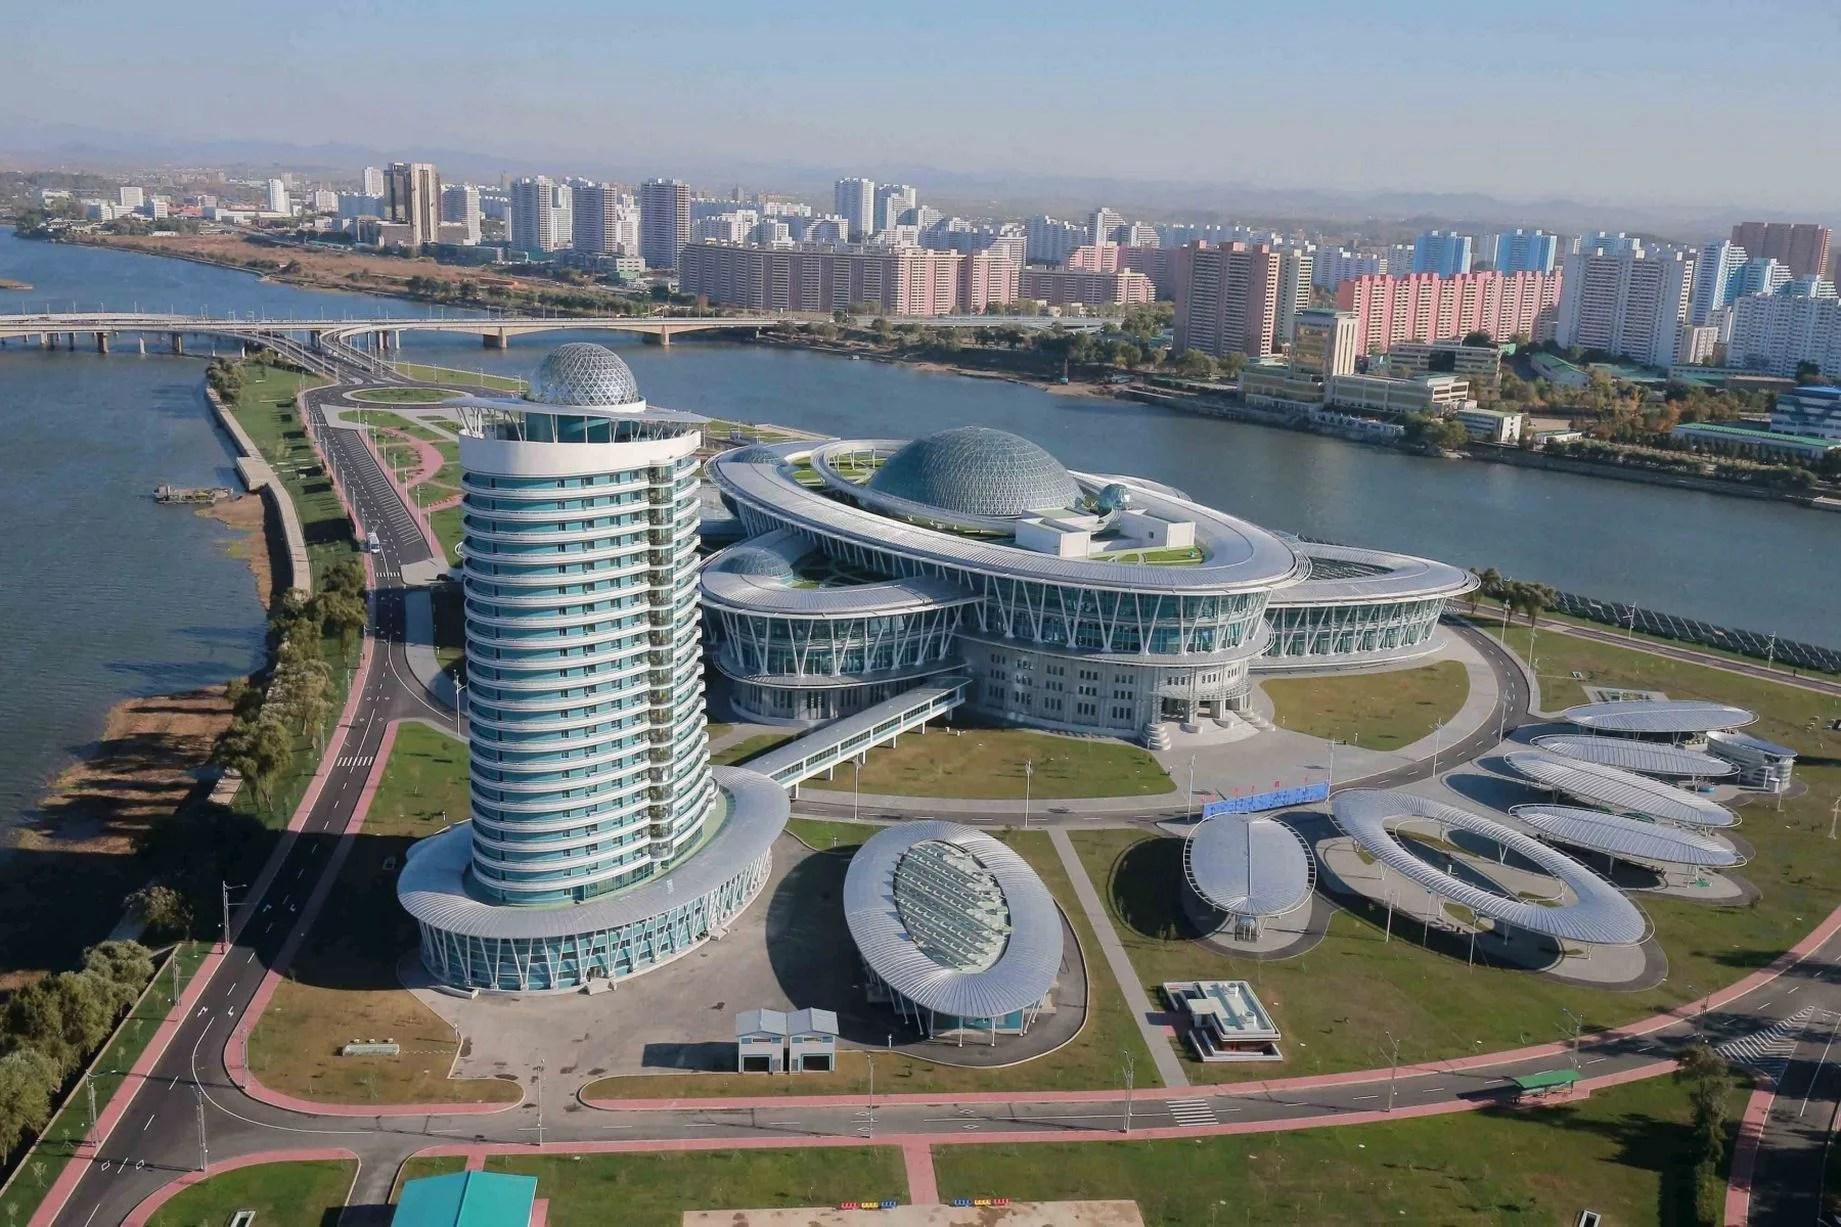 Corea del Norte albergará una nueva conferencia internacional de criptomonedas y blockchain en 2019